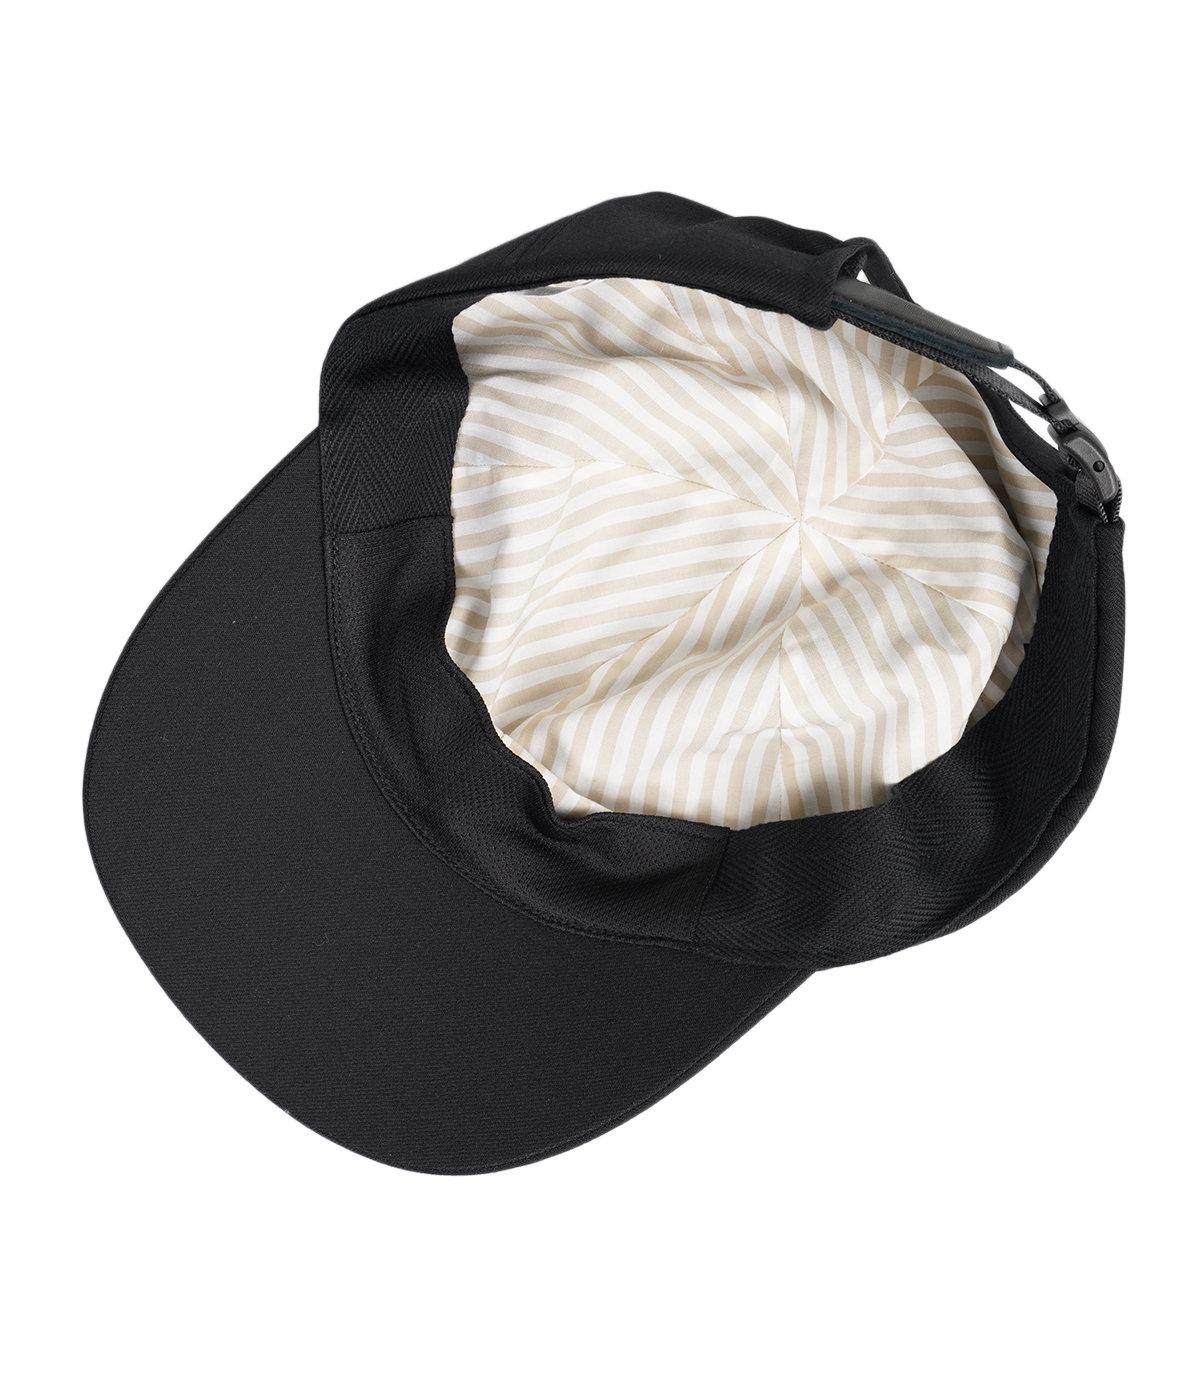 SUITS FABRIC CAP